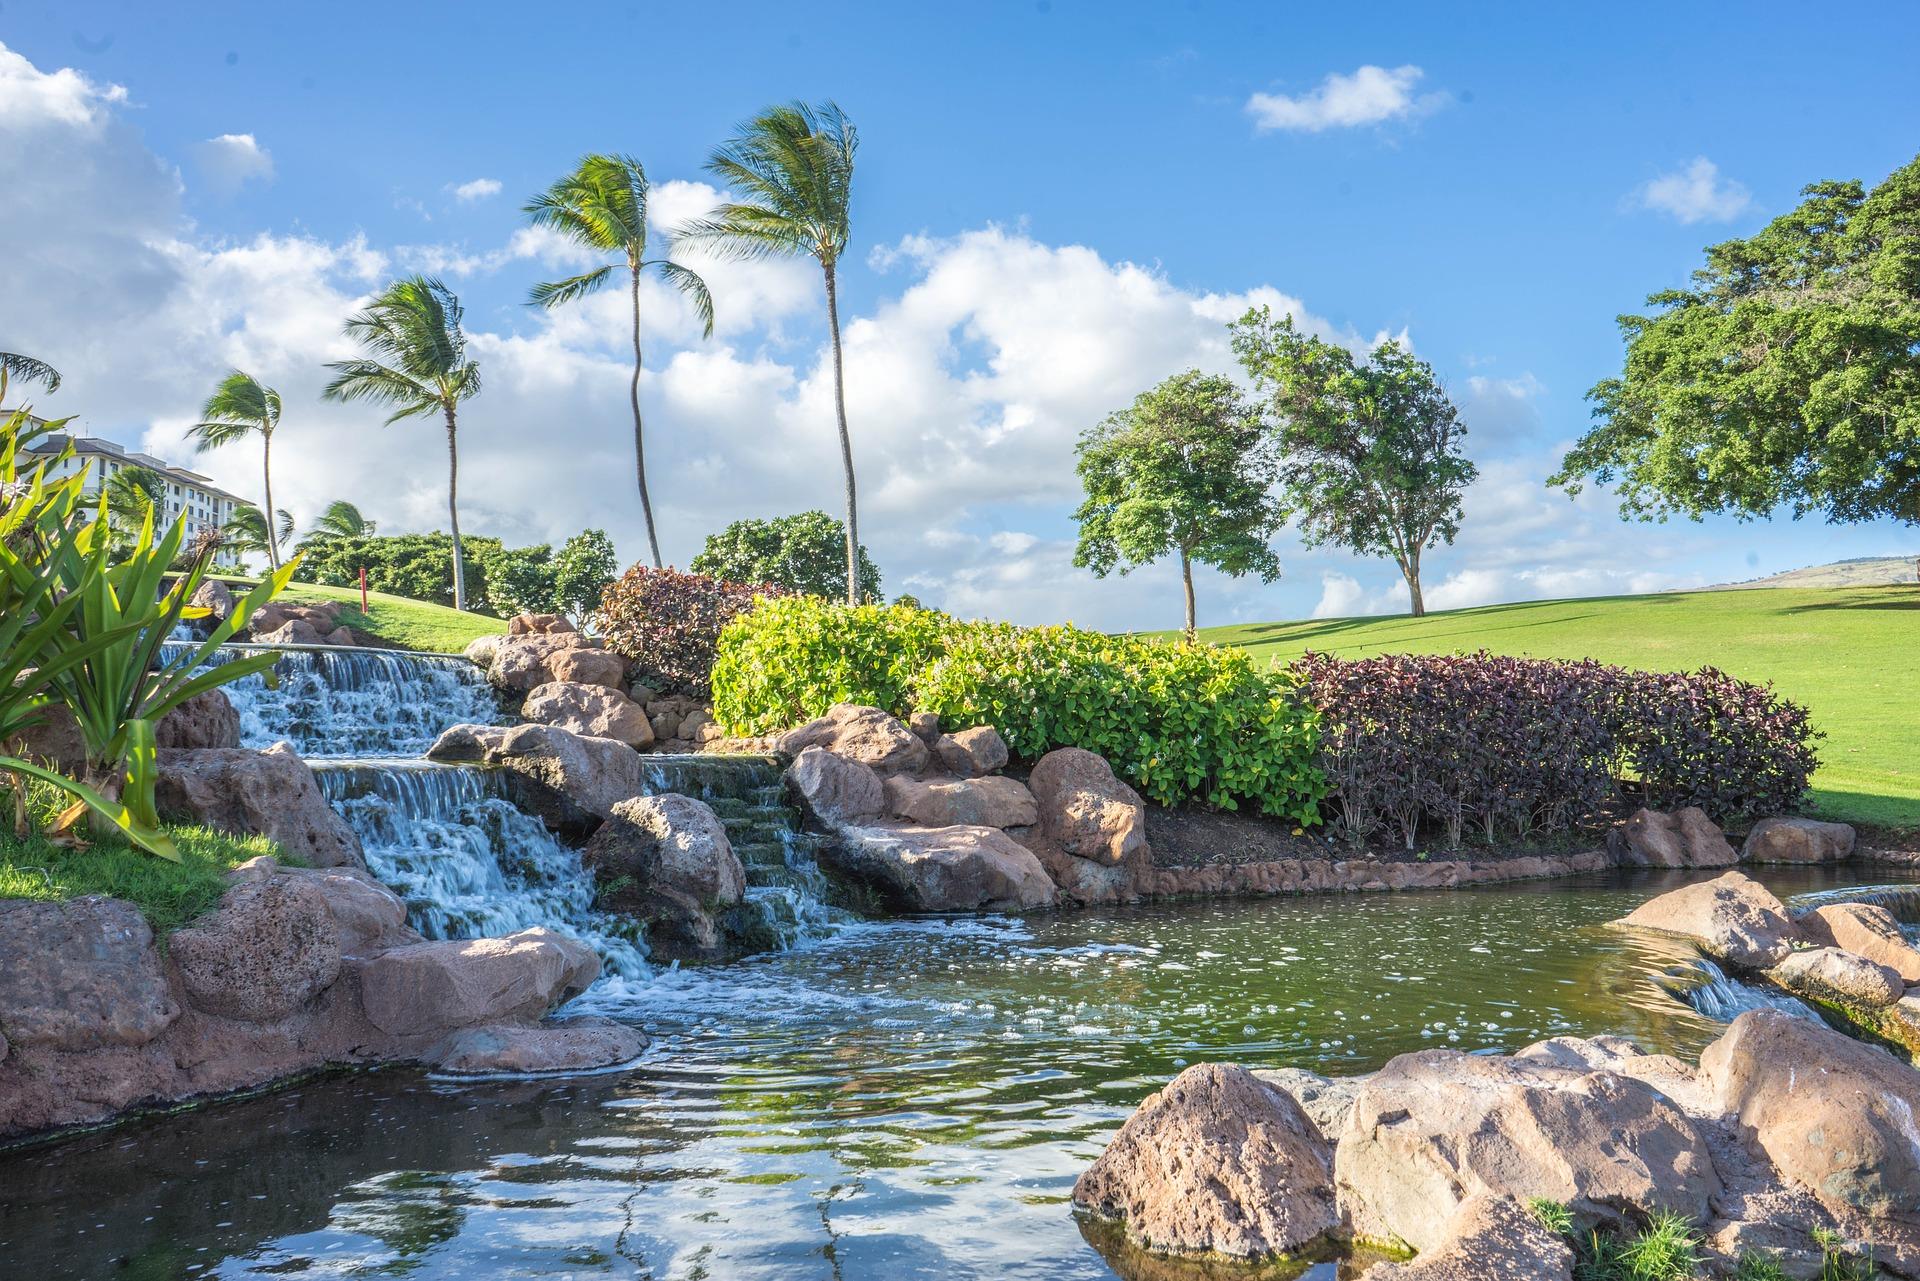 гаваї острів оаху водоспад